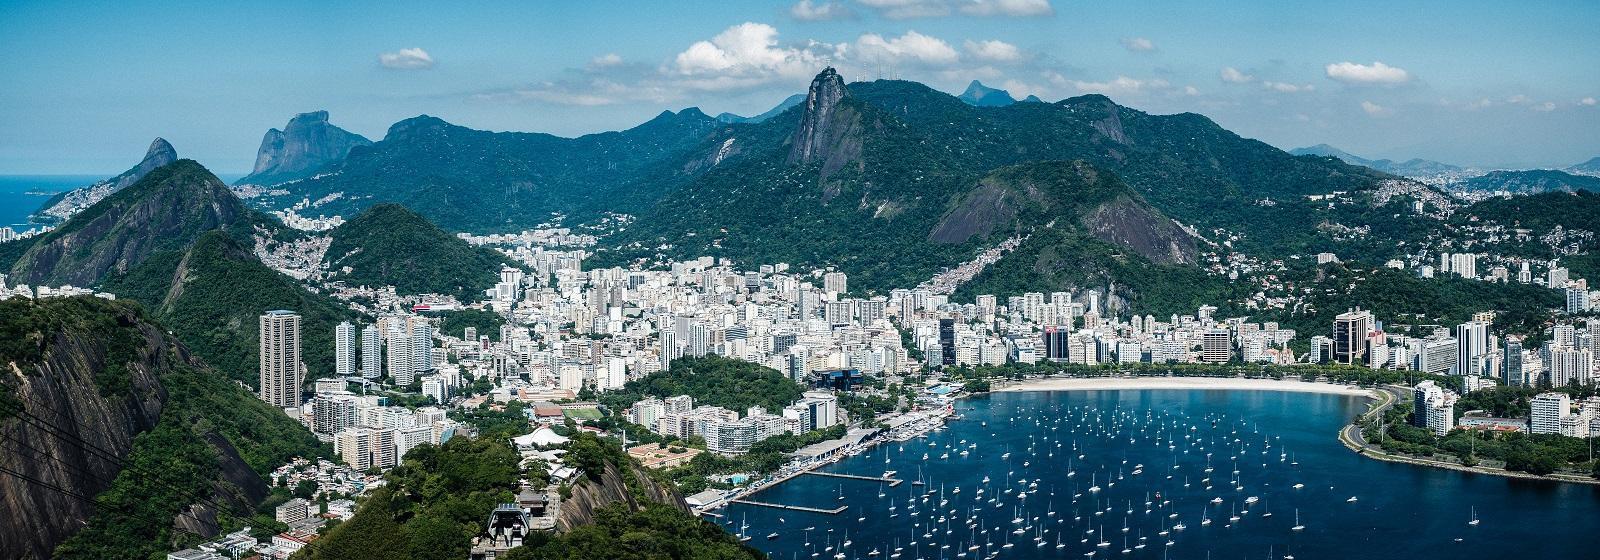 Things to do in Rio de Janeiro